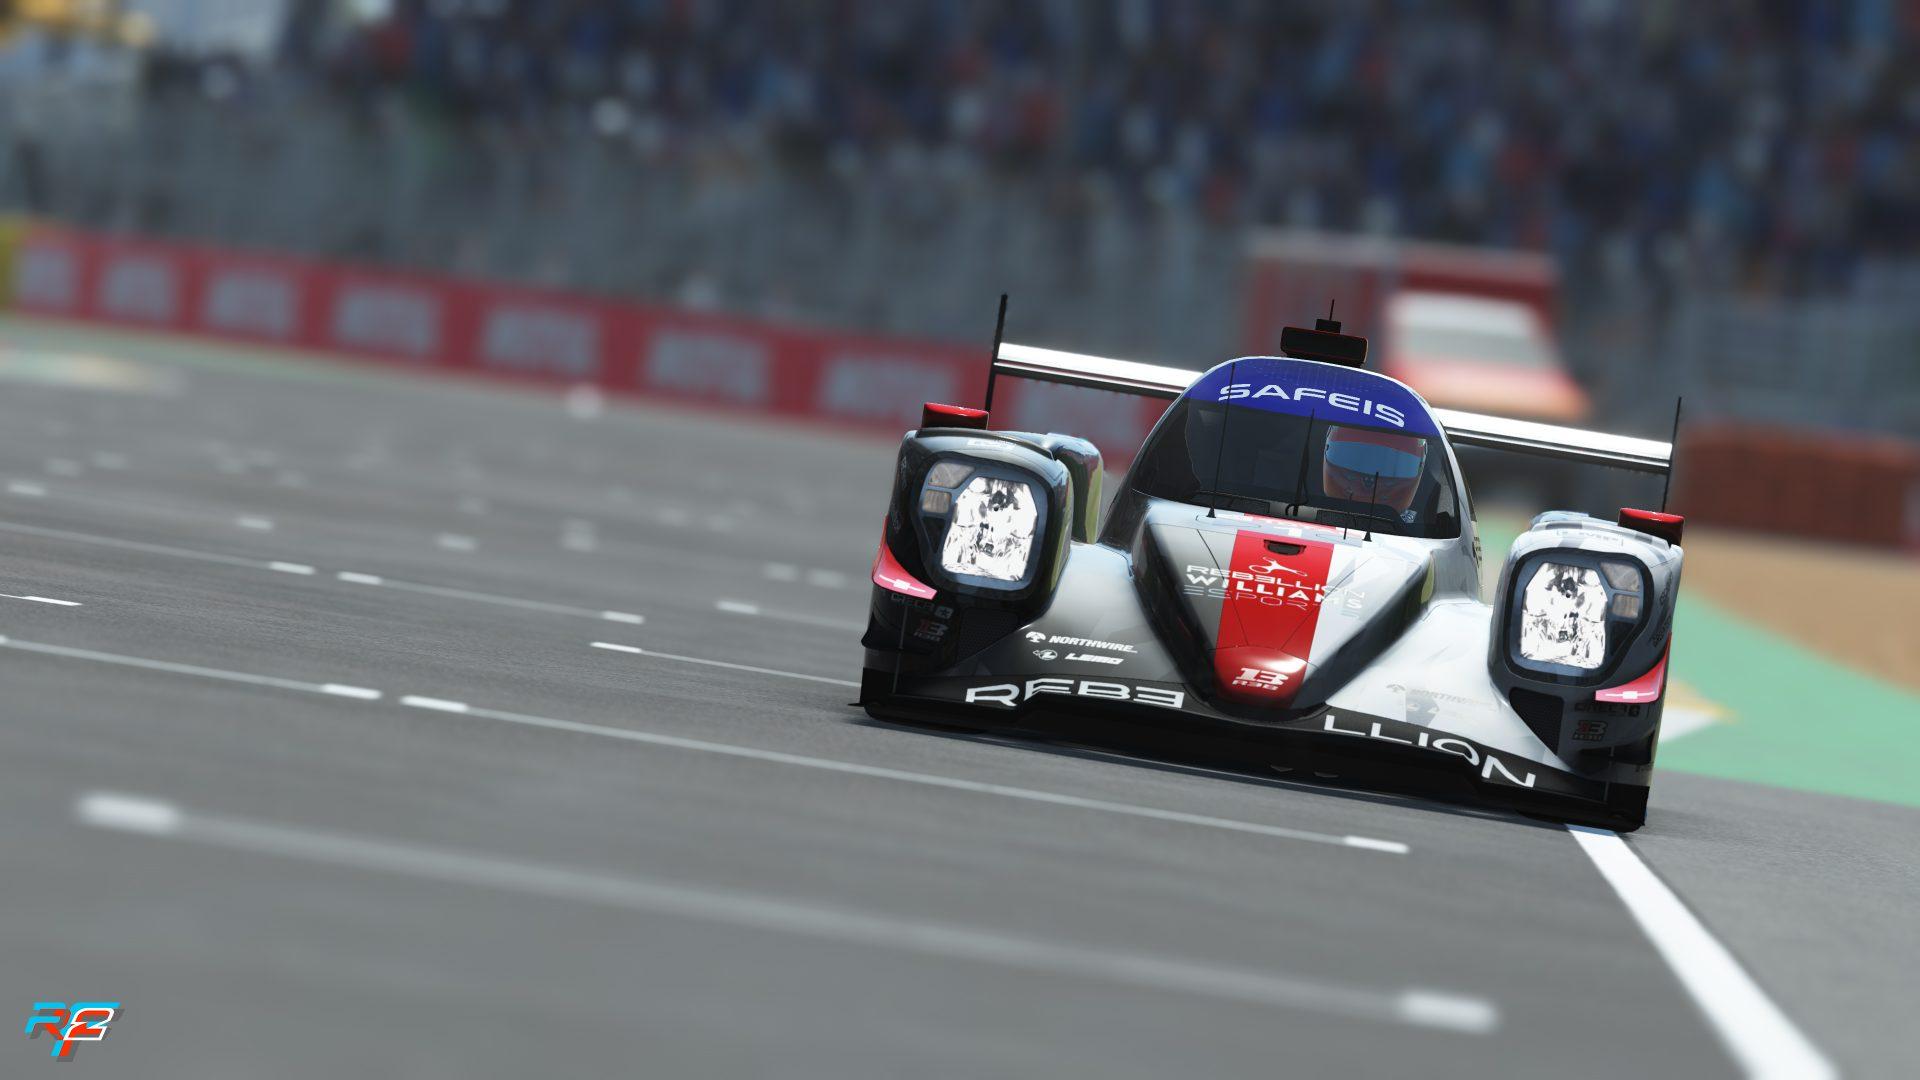 2020_Le_Mans_Virtual_12-1920x1080.jpg